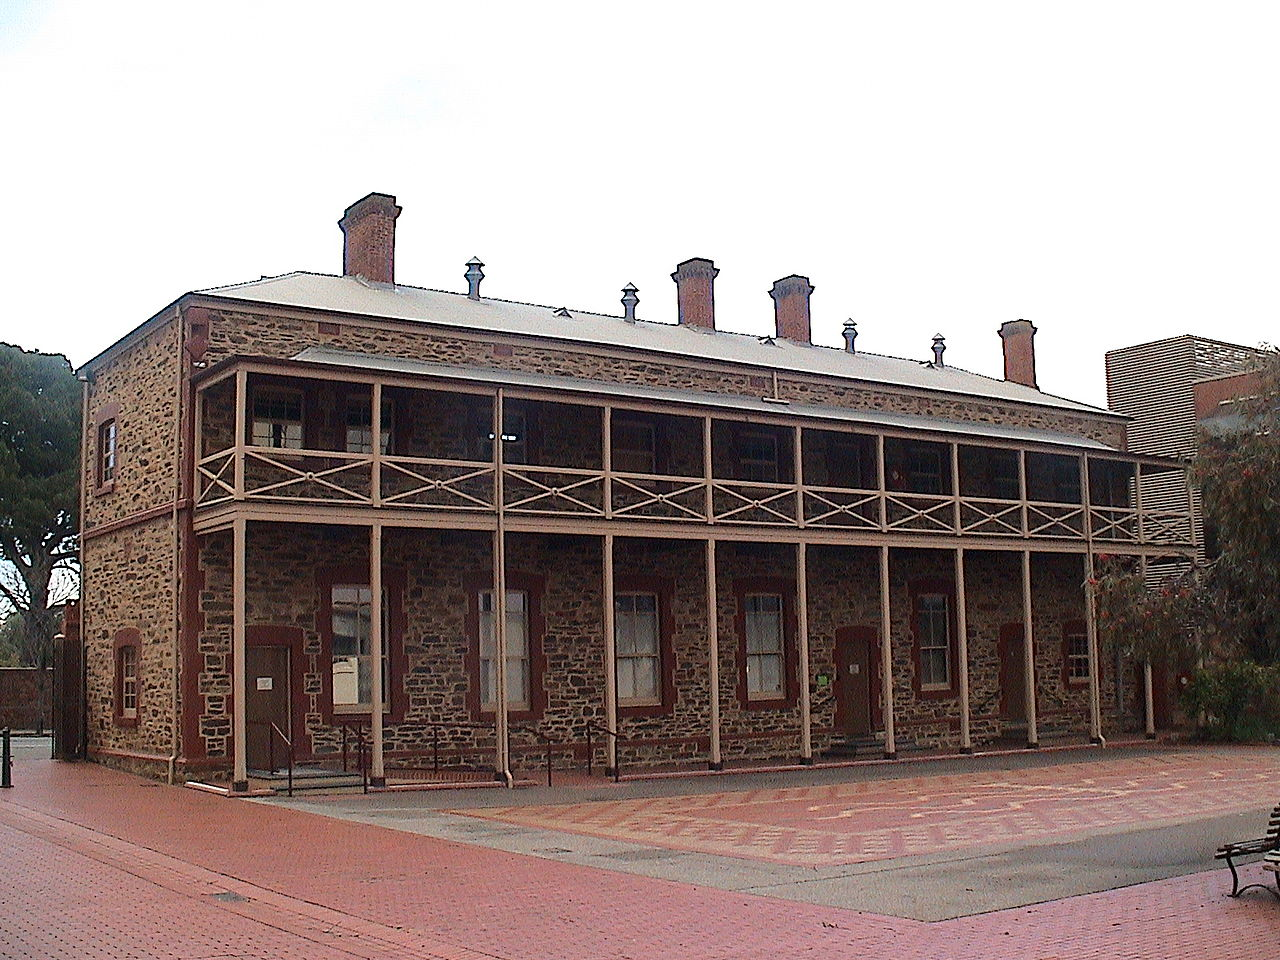 File:Migration Museum, Adelaide - former Destitute Asylum ...